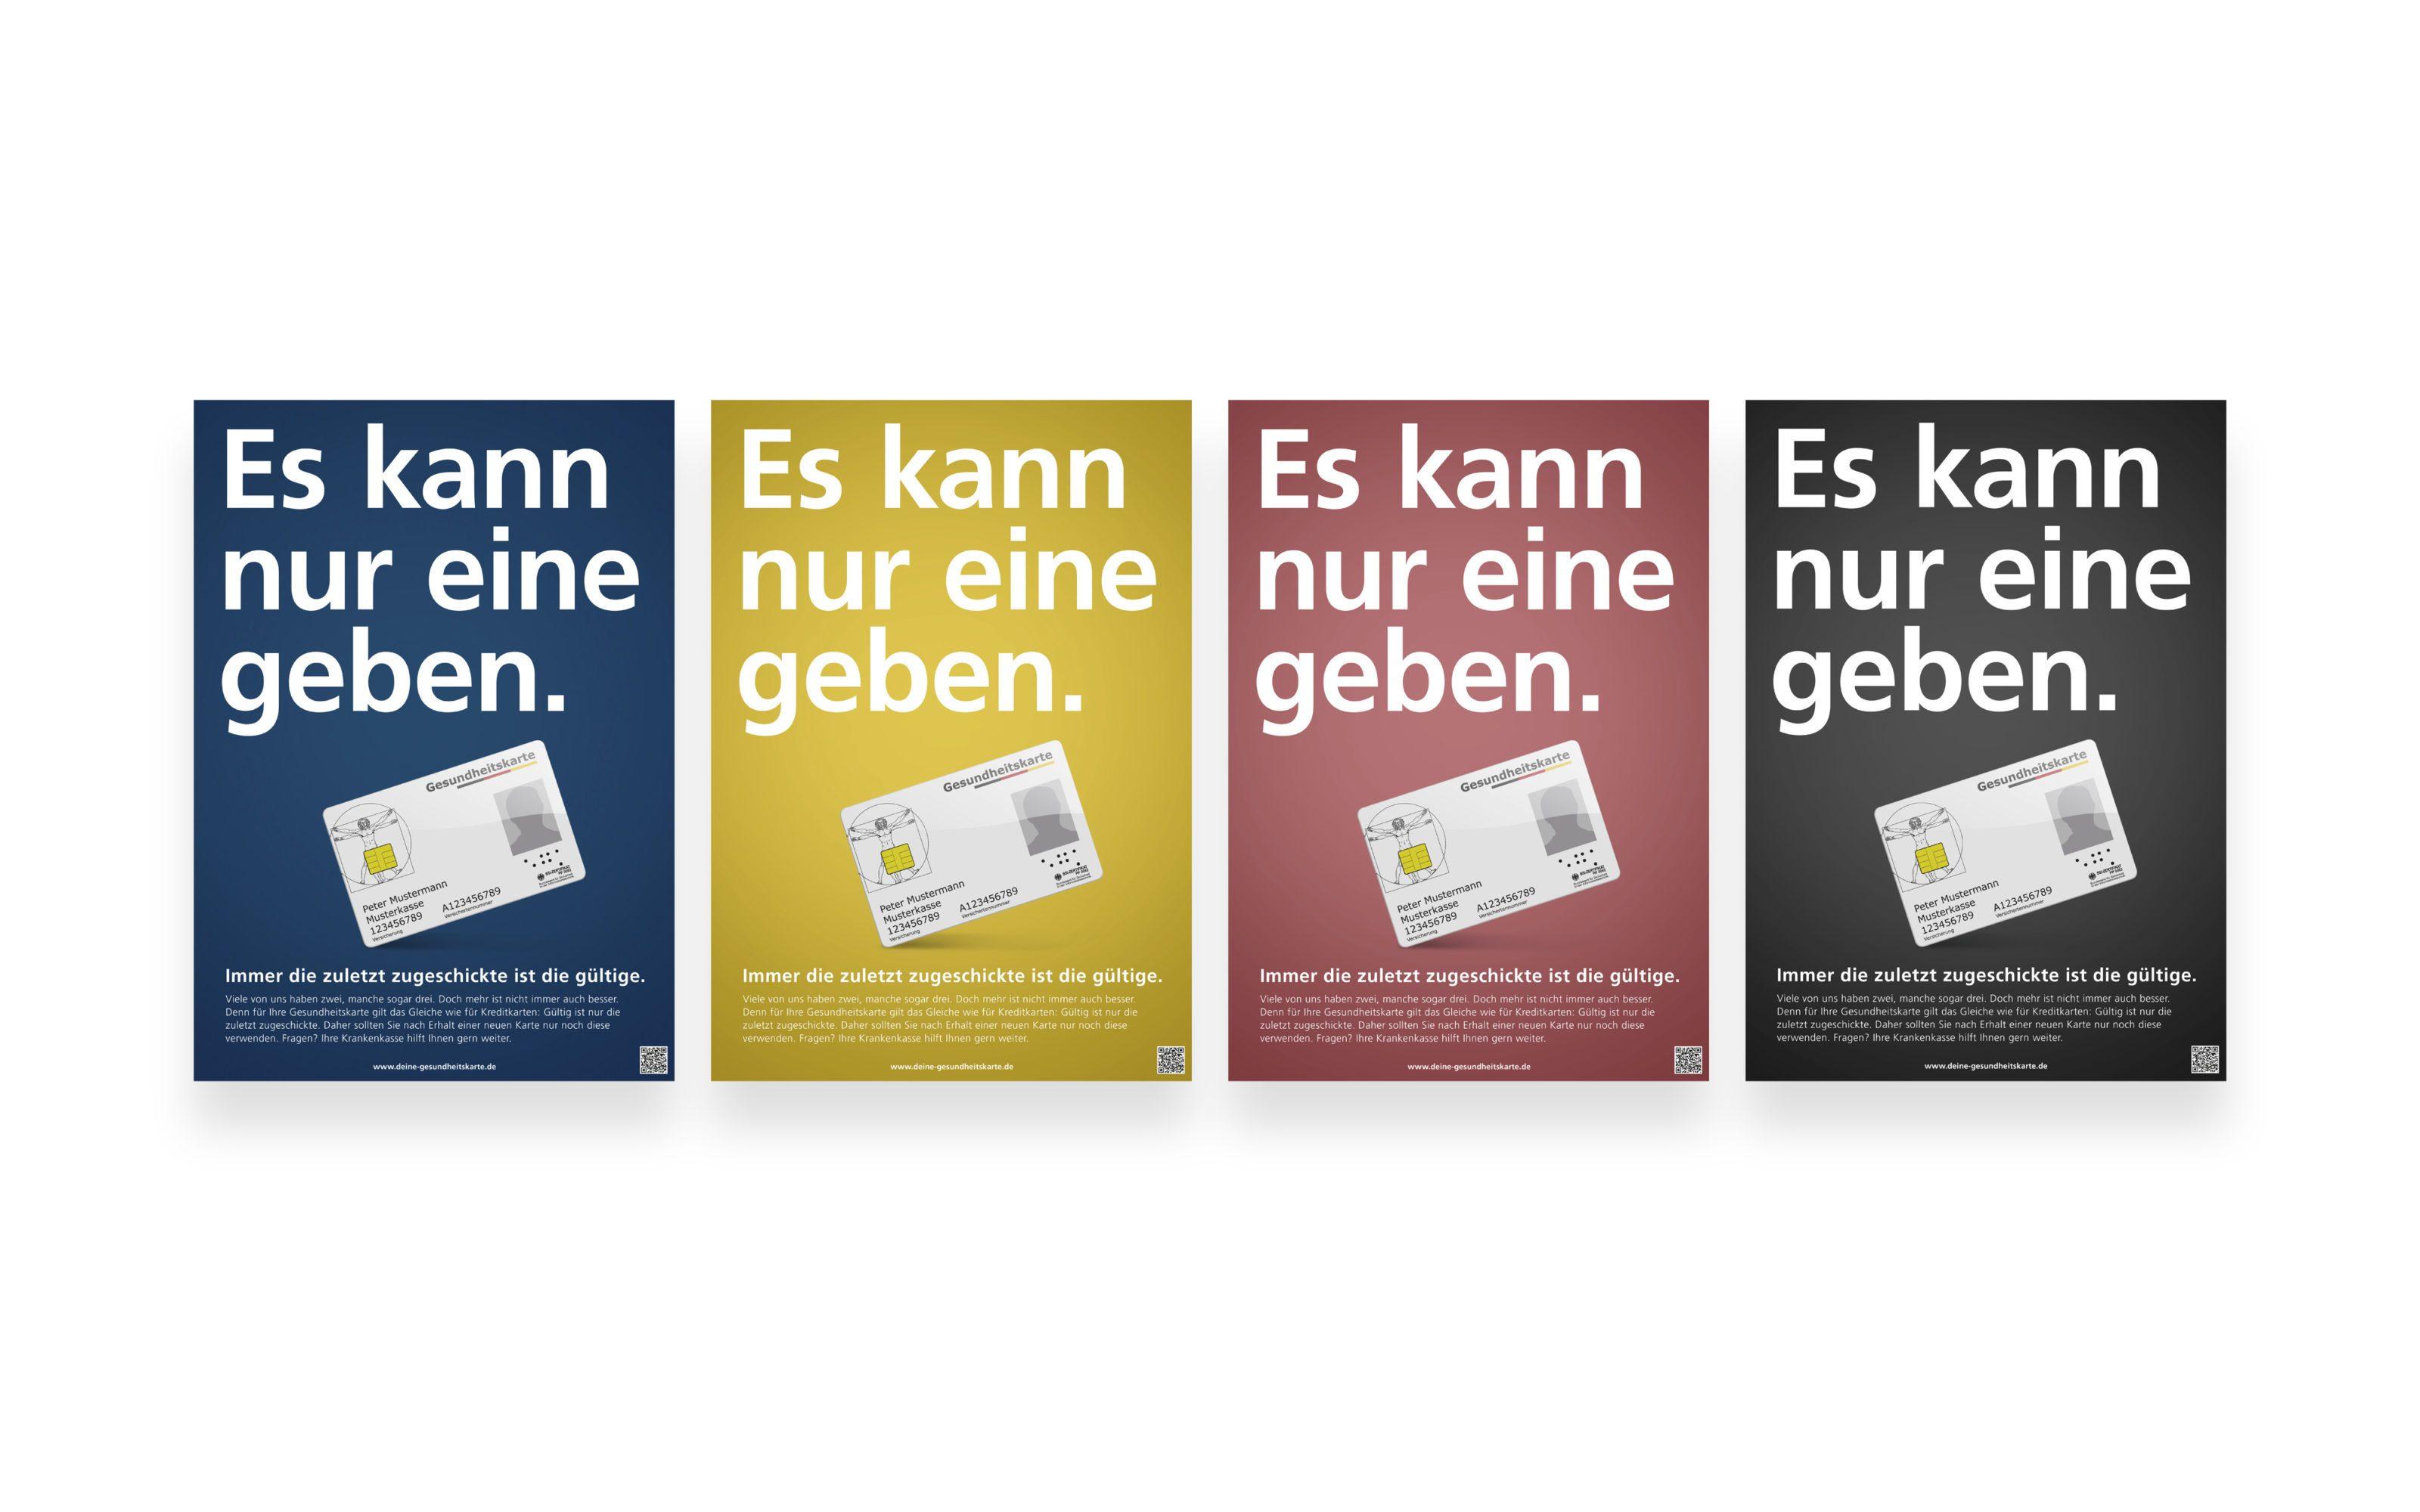 gematik-GRACO-Awareness Kampagne-Plakate